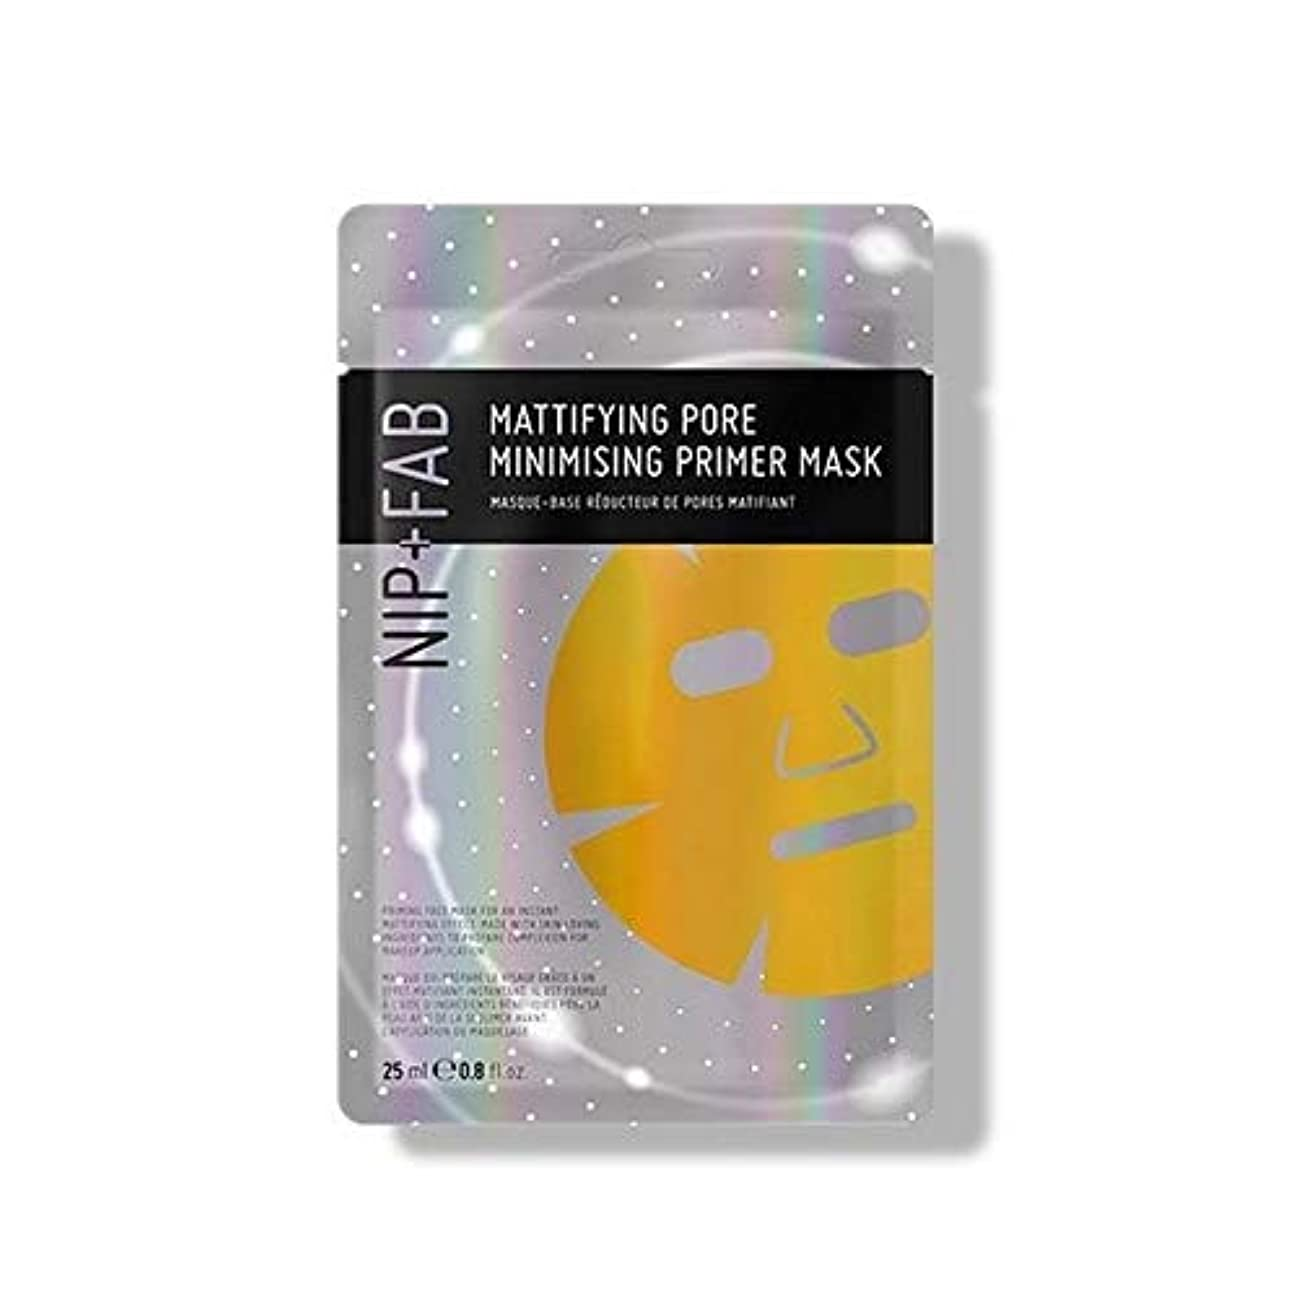 孤独なウェイトレス論理[Nip & Fab] + Fab艶消しオイルコントロールティーツリープライマーマスク25ミリリットルニップ - NIP+FAB Mattifying Oil Control Tea Tree Primer Mask 25ml...